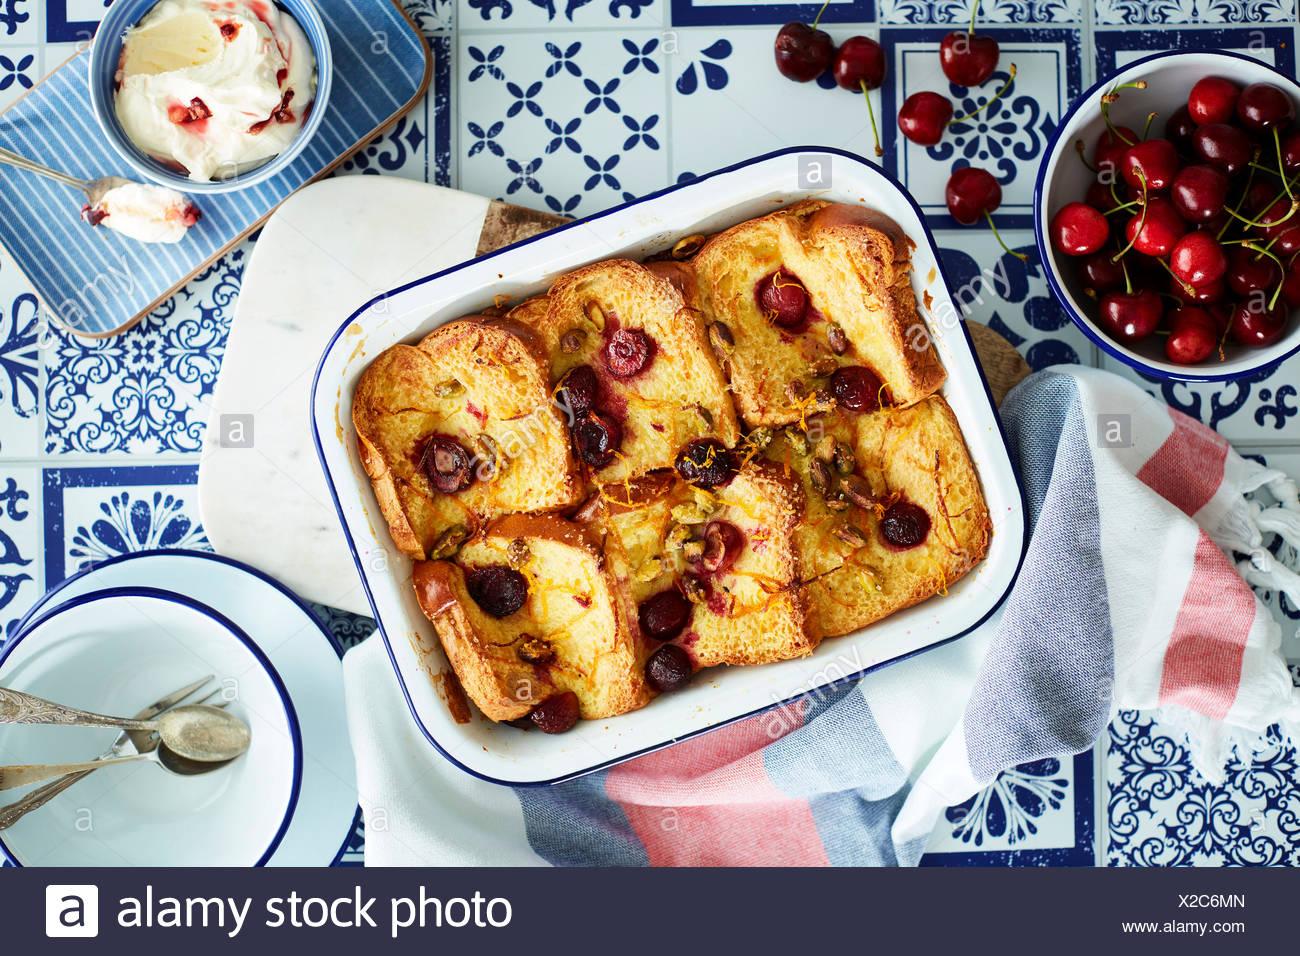 Cherry pudding de pan y mantequilla. Imagen De Stock